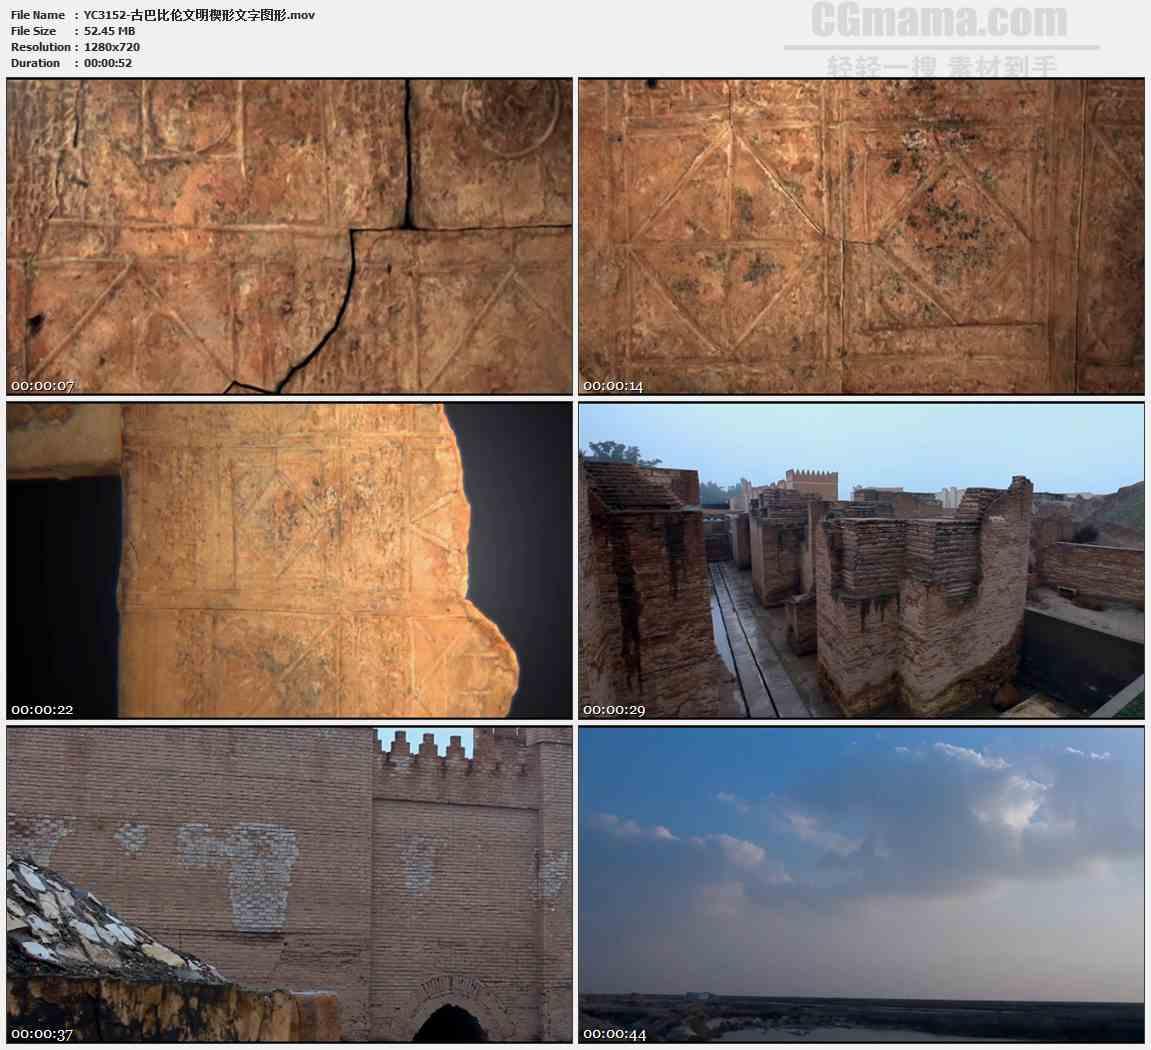 YC3152-古巴比伦文明楔形文字图形高清实拍视频素材